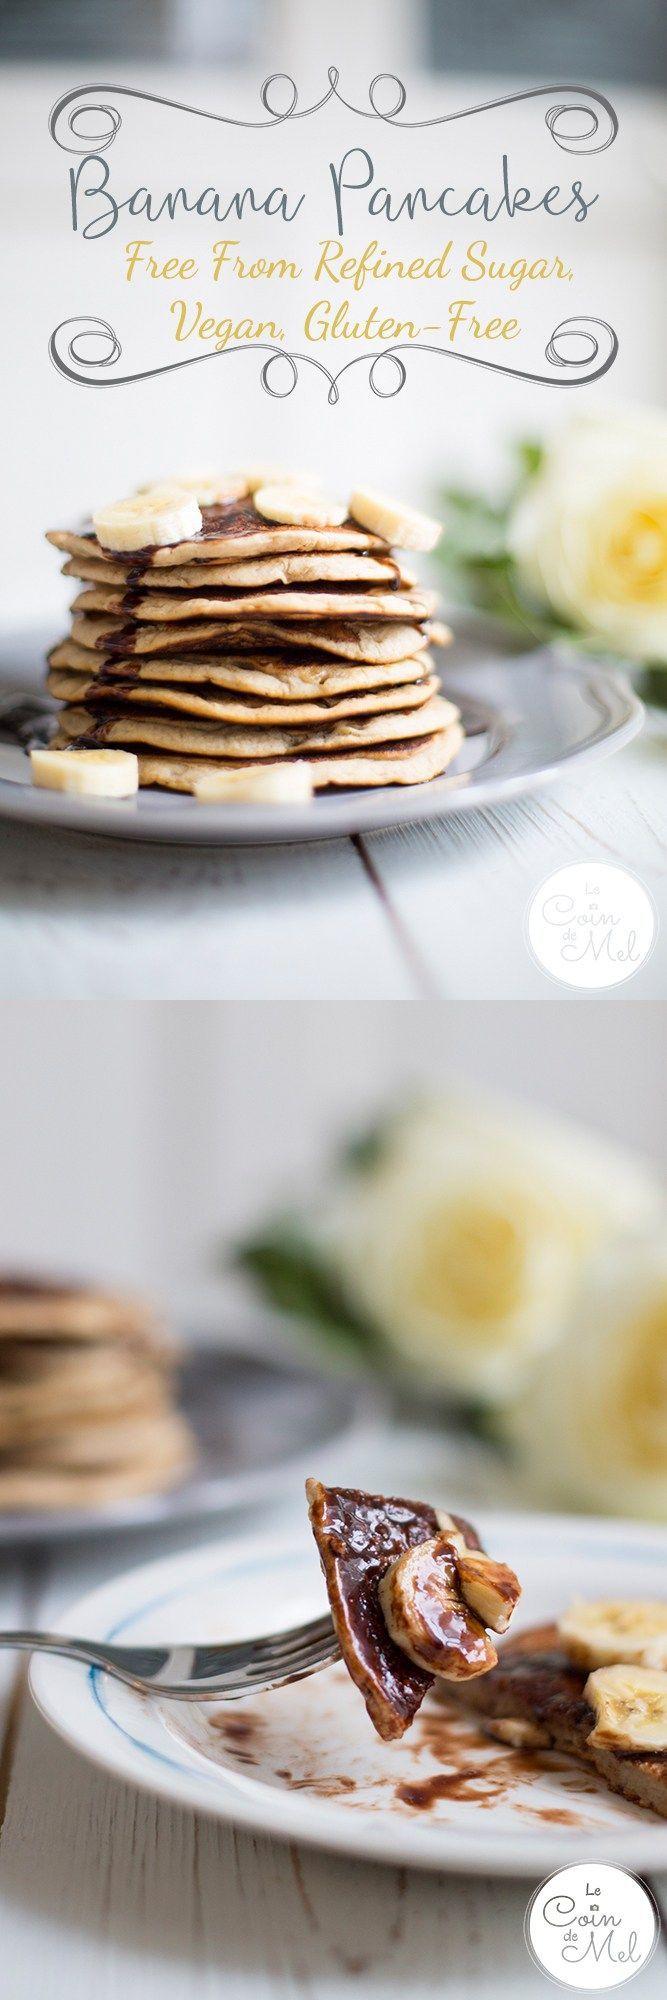 Gluten-free Vegan American Pancakes